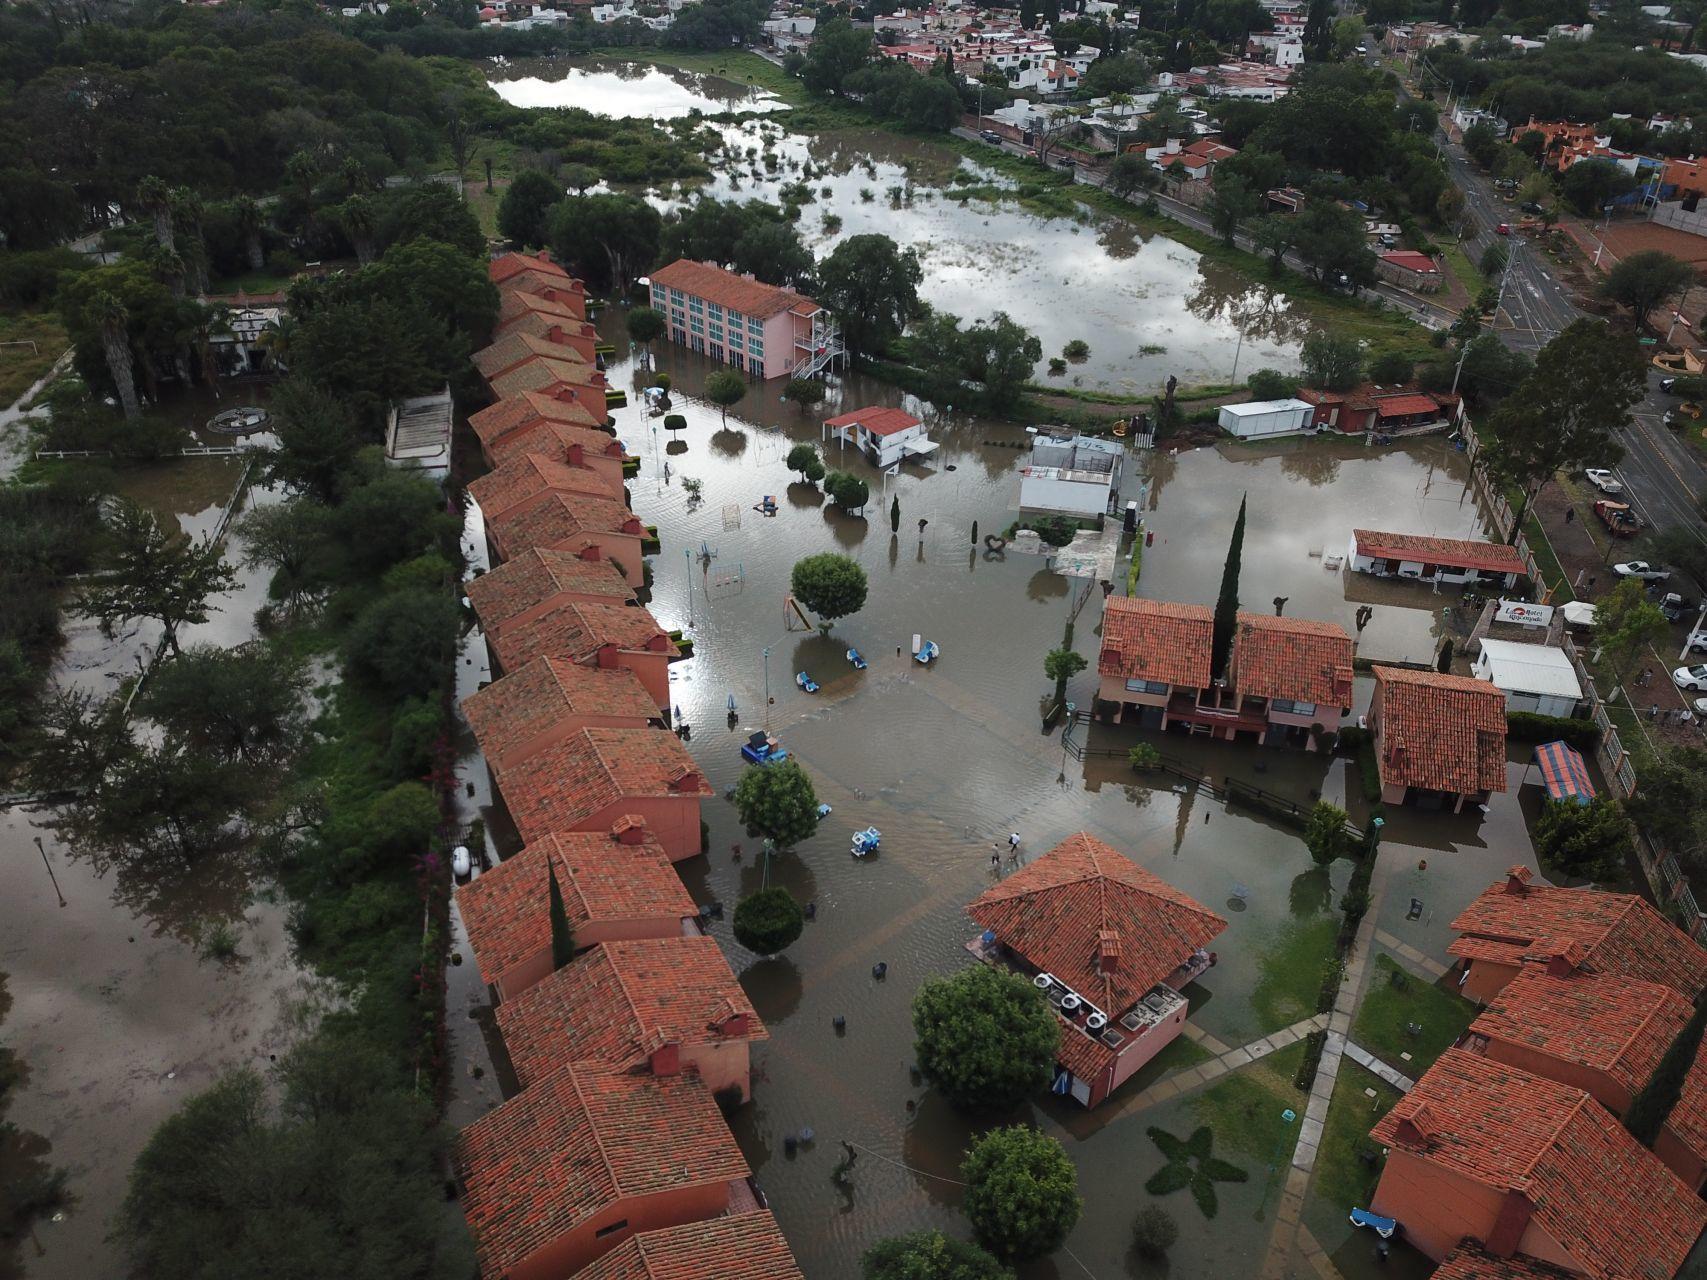 San Juan del Río, Querétaro, bajo el agua debido a inundación